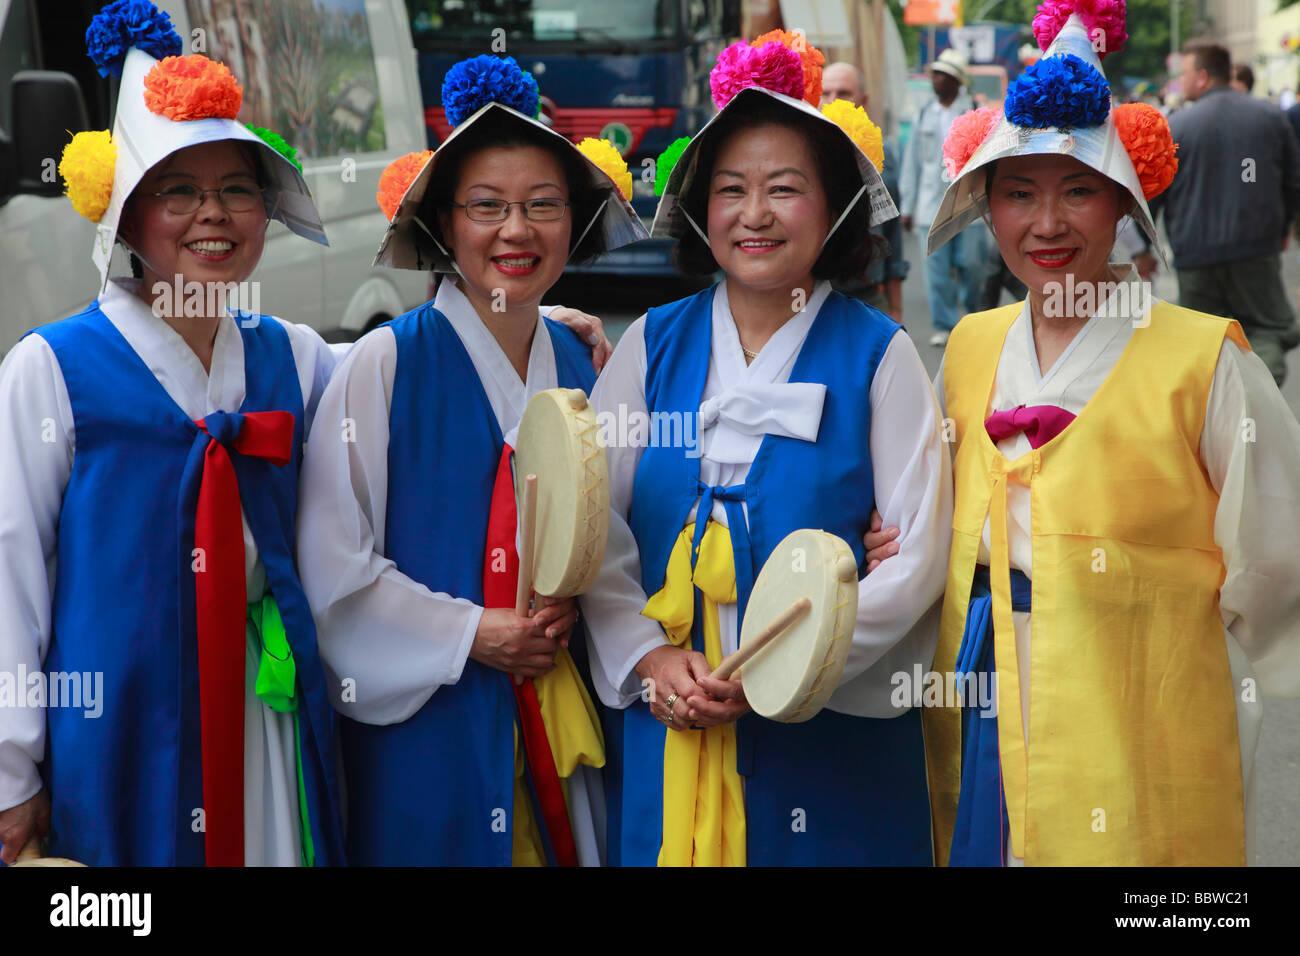 Germania Berlino Il Carnevale delle culture le donne coreane in abito tradizionale Immagini Stock